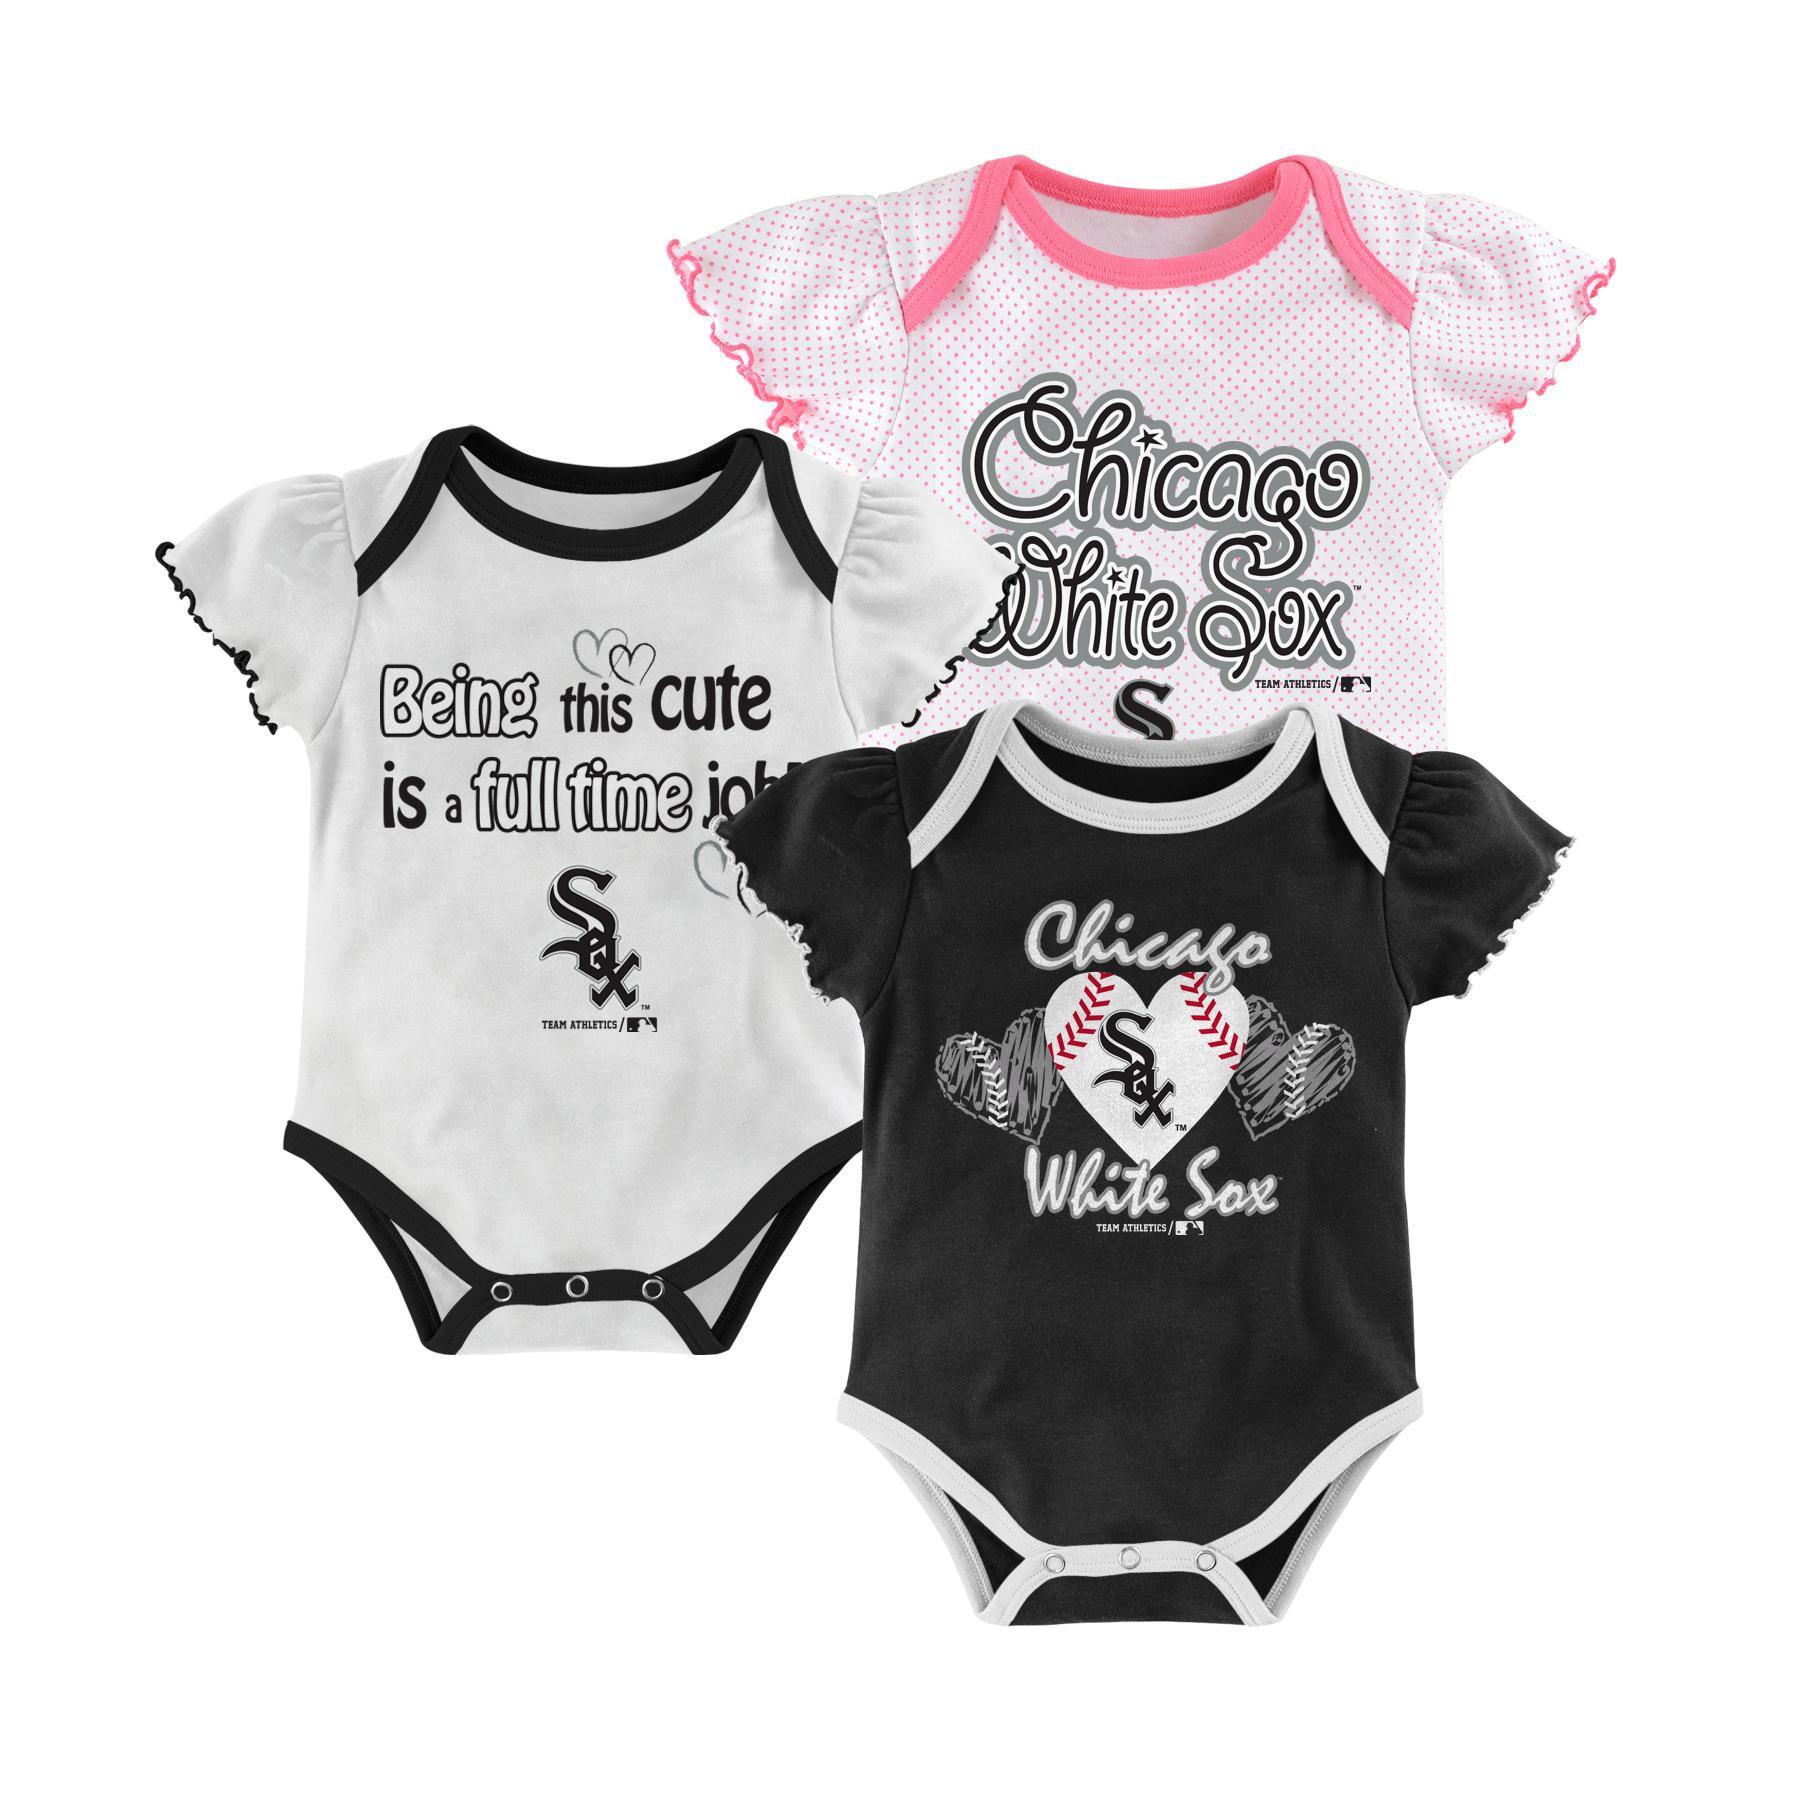 Newborn & Infant Girl's 3-Pack Bodysuits - Chicago White Sox